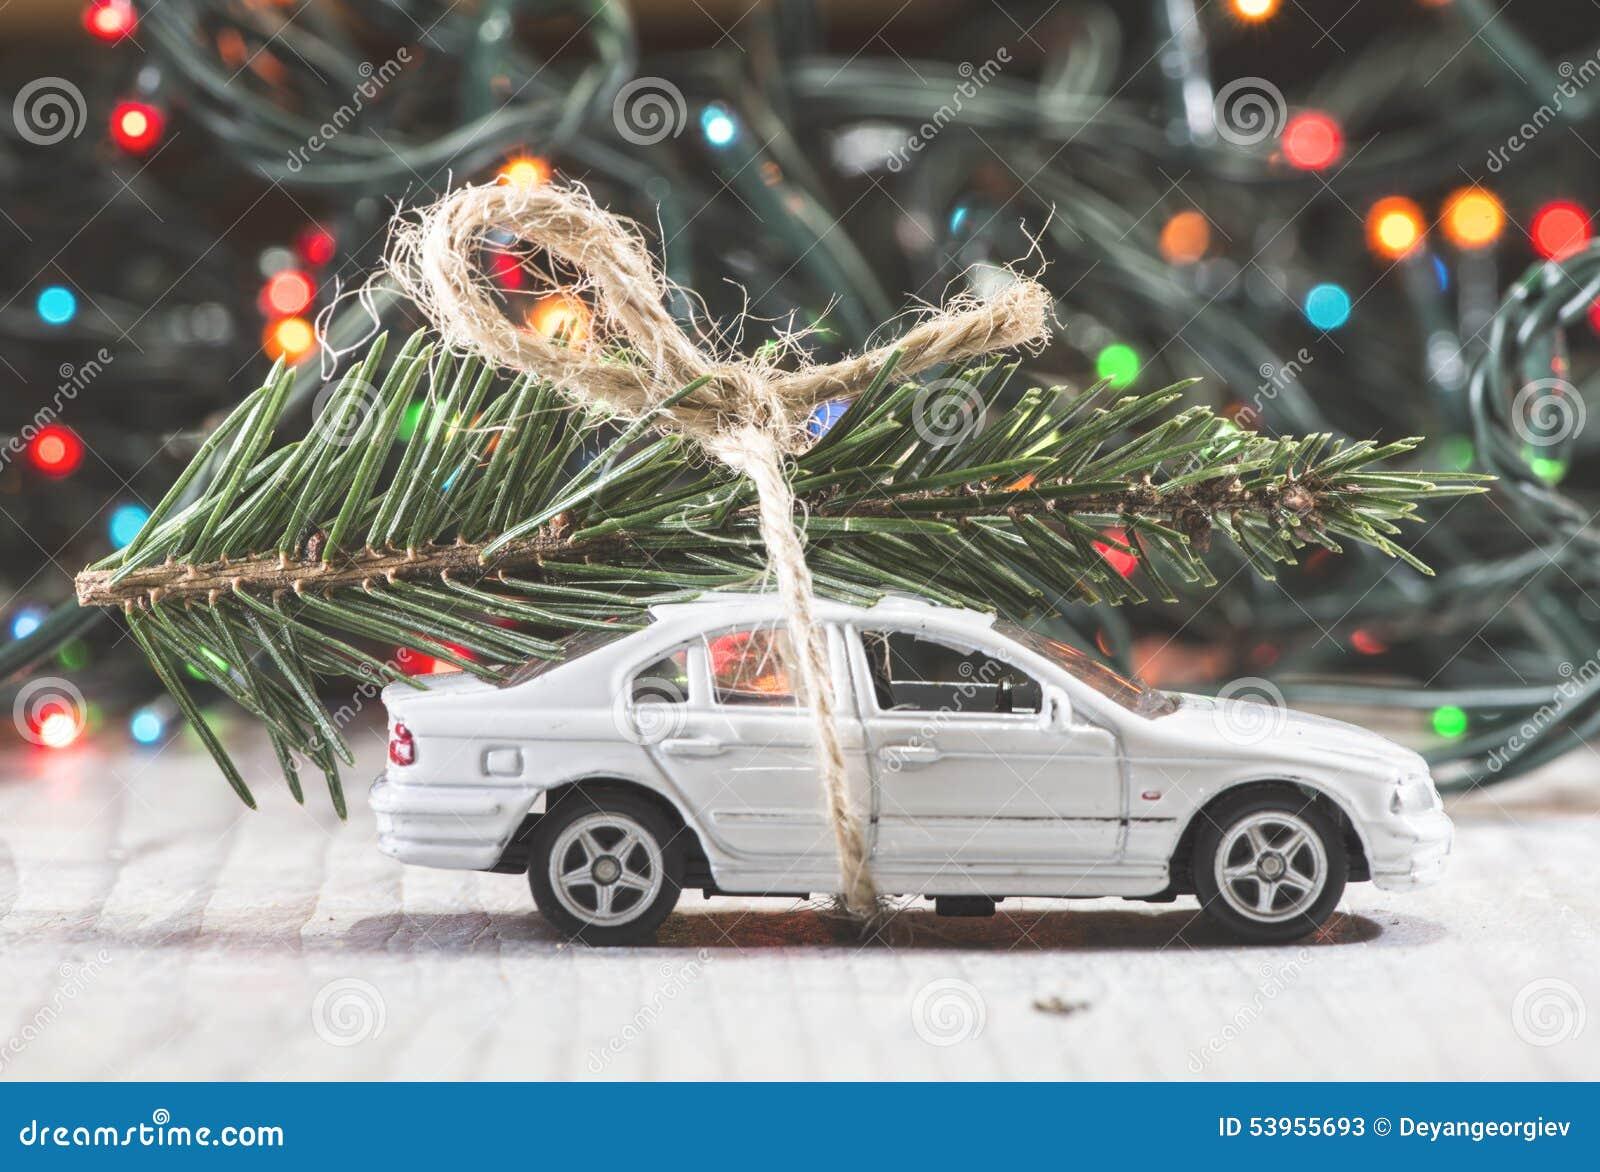 weihnachtsbaum auf auto stock abbildung bild von jahr. Black Bedroom Furniture Sets. Home Design Ideas